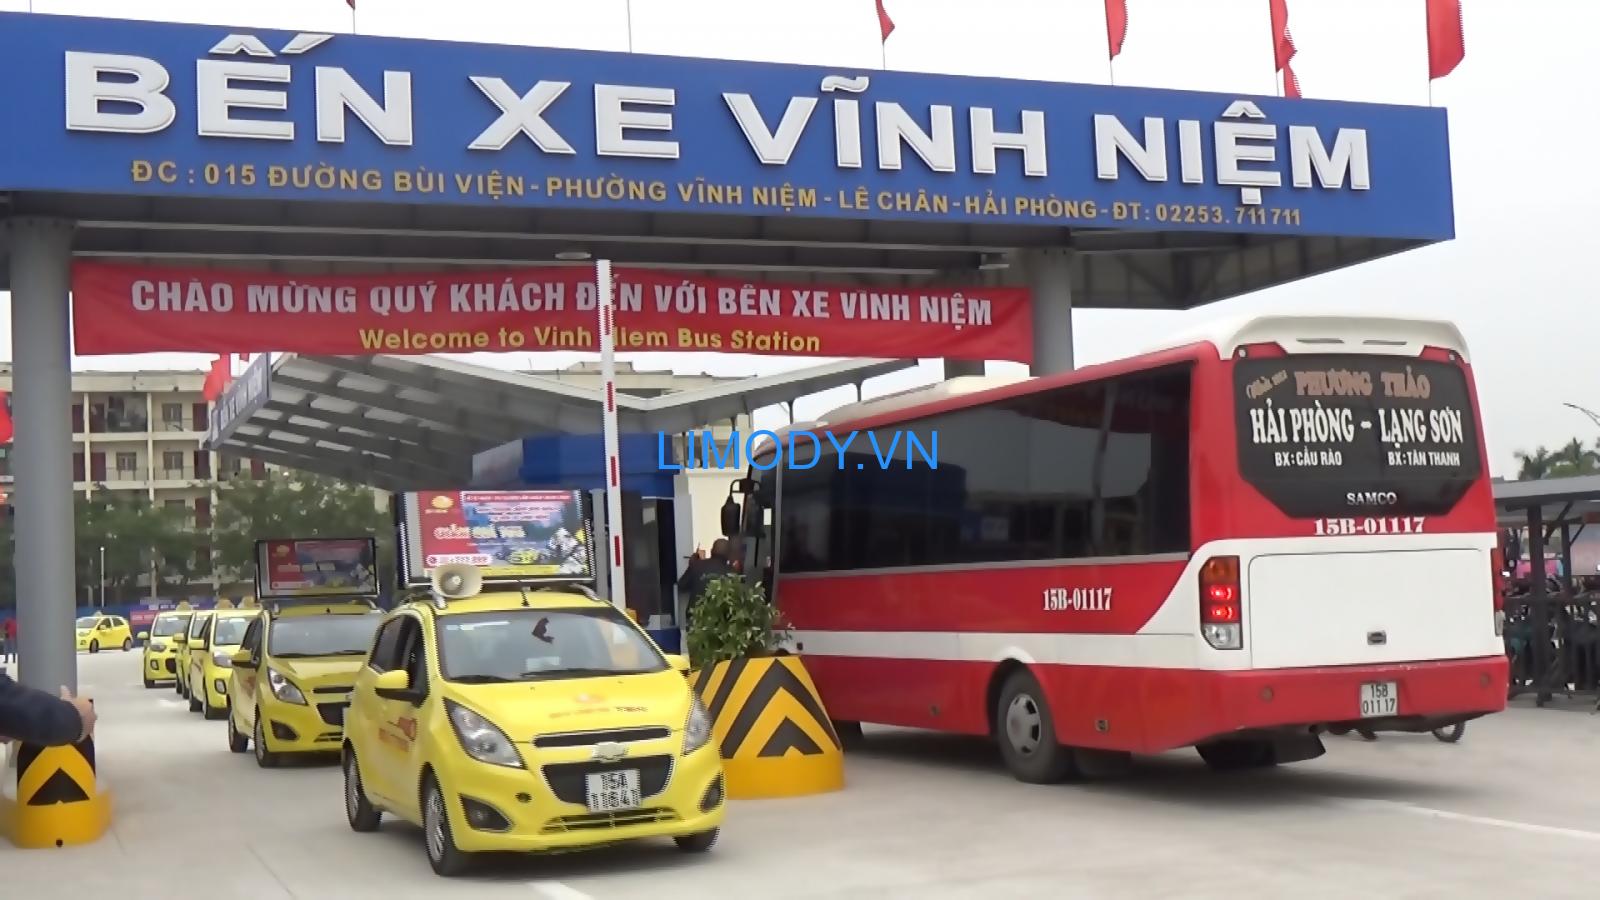 Bến xe Vĩnh Niệm: Danh sách các nhà xe xuất bến đi các tỉnh thành khác